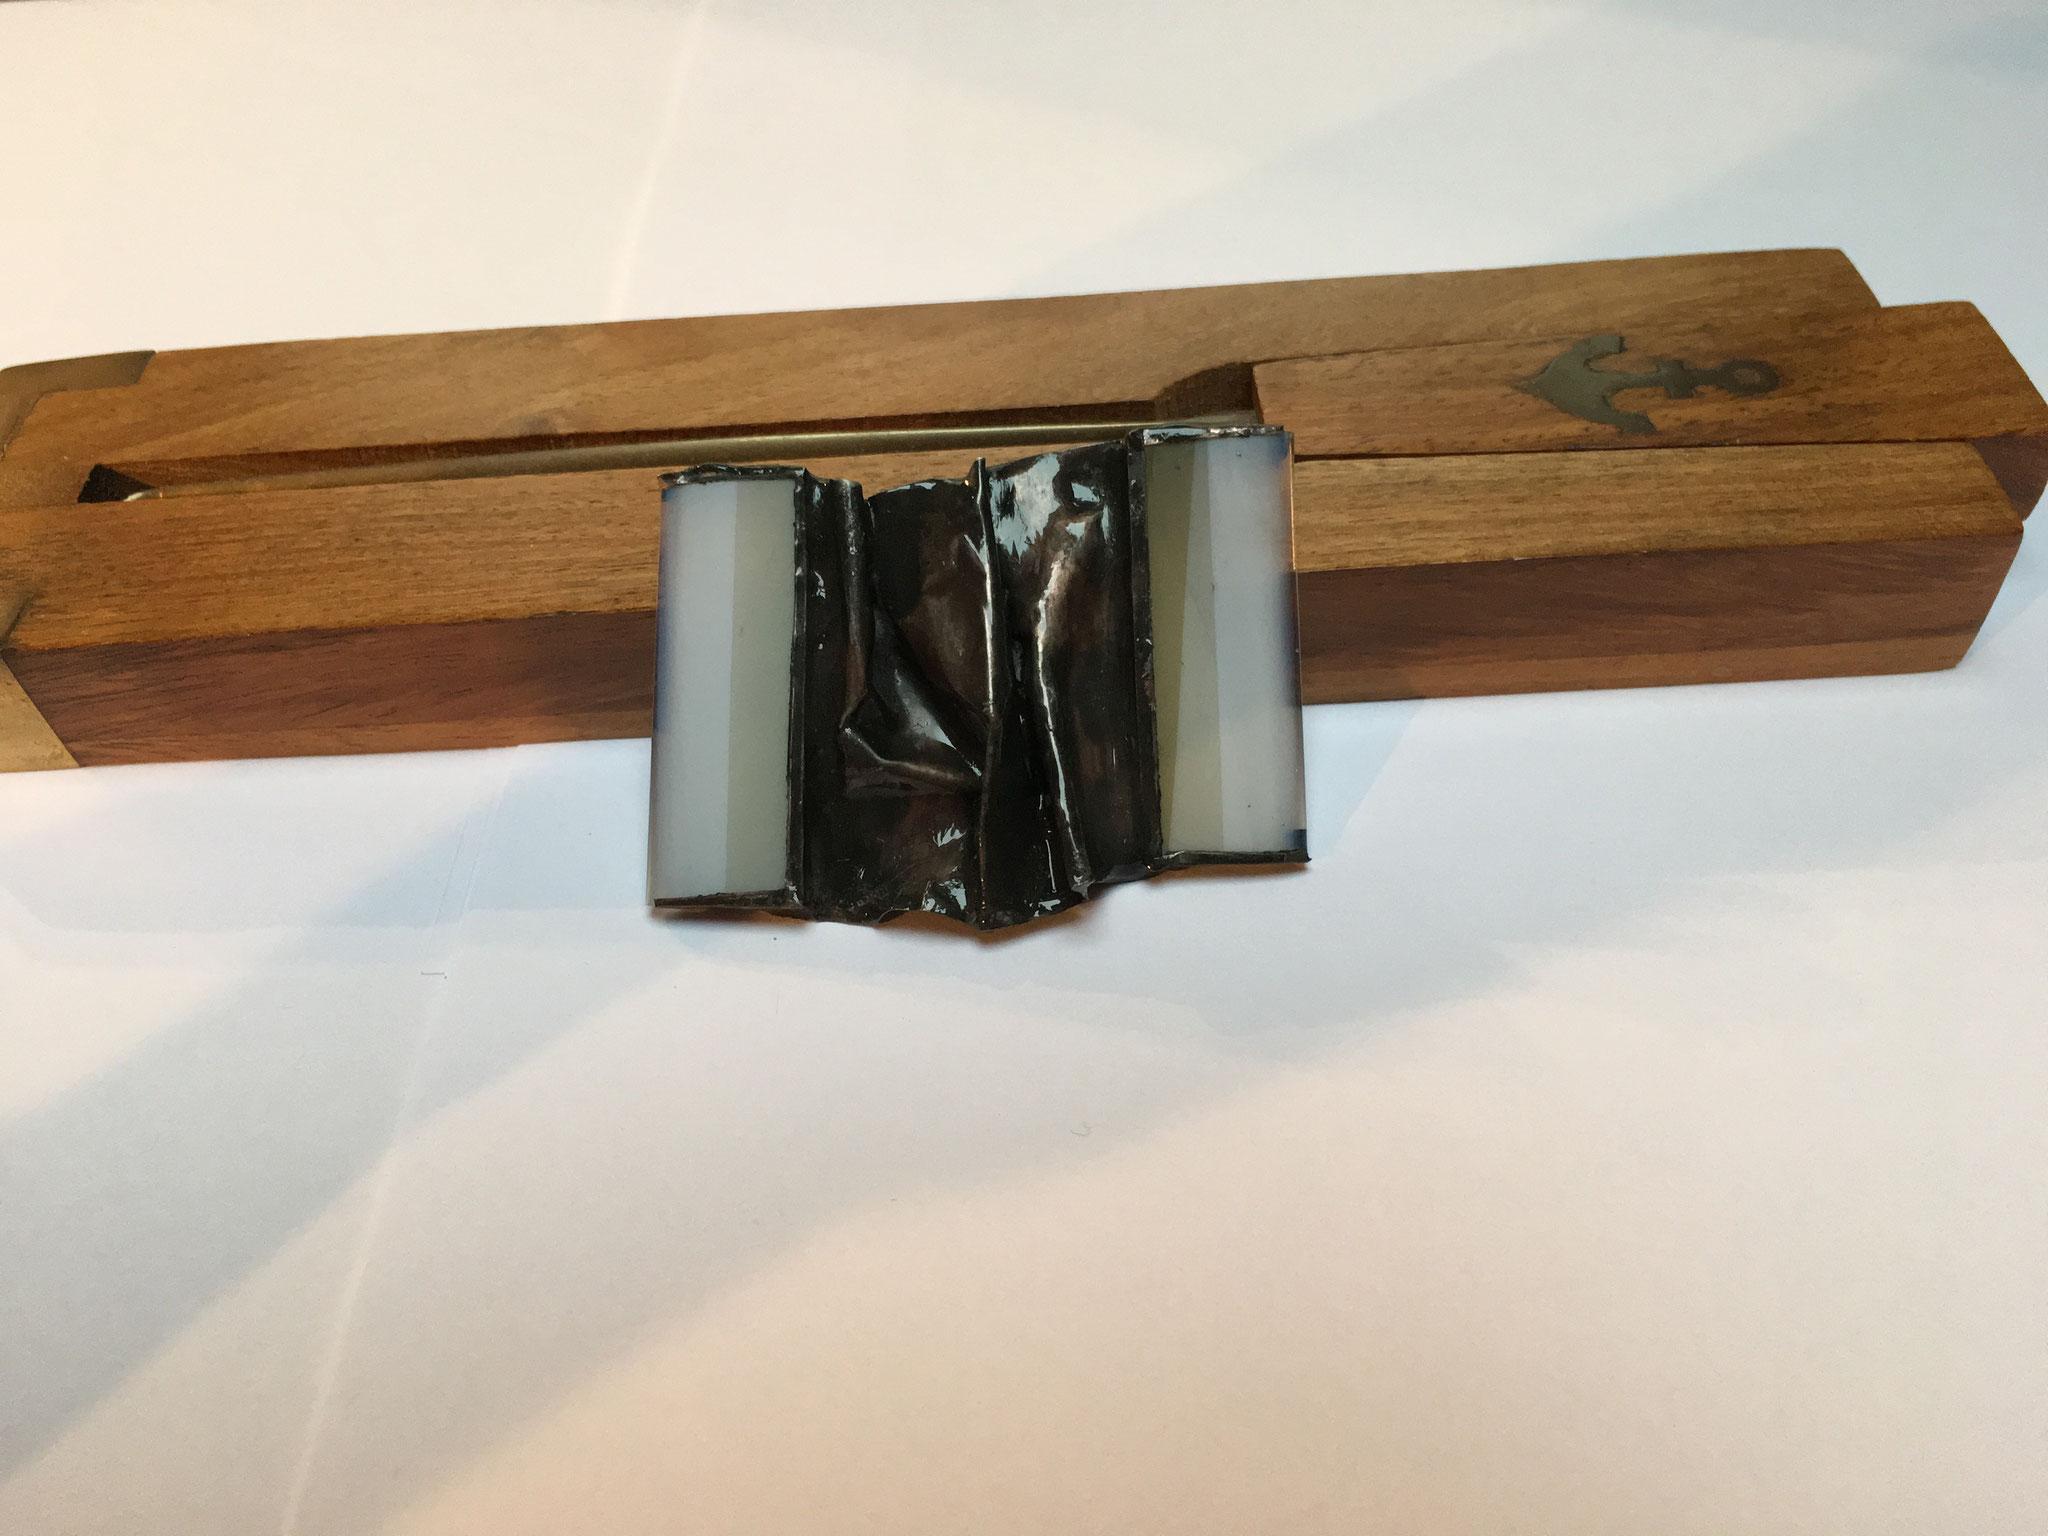 Broche verre et cuivre étamé et patiné (6 x 4 cm) 20€